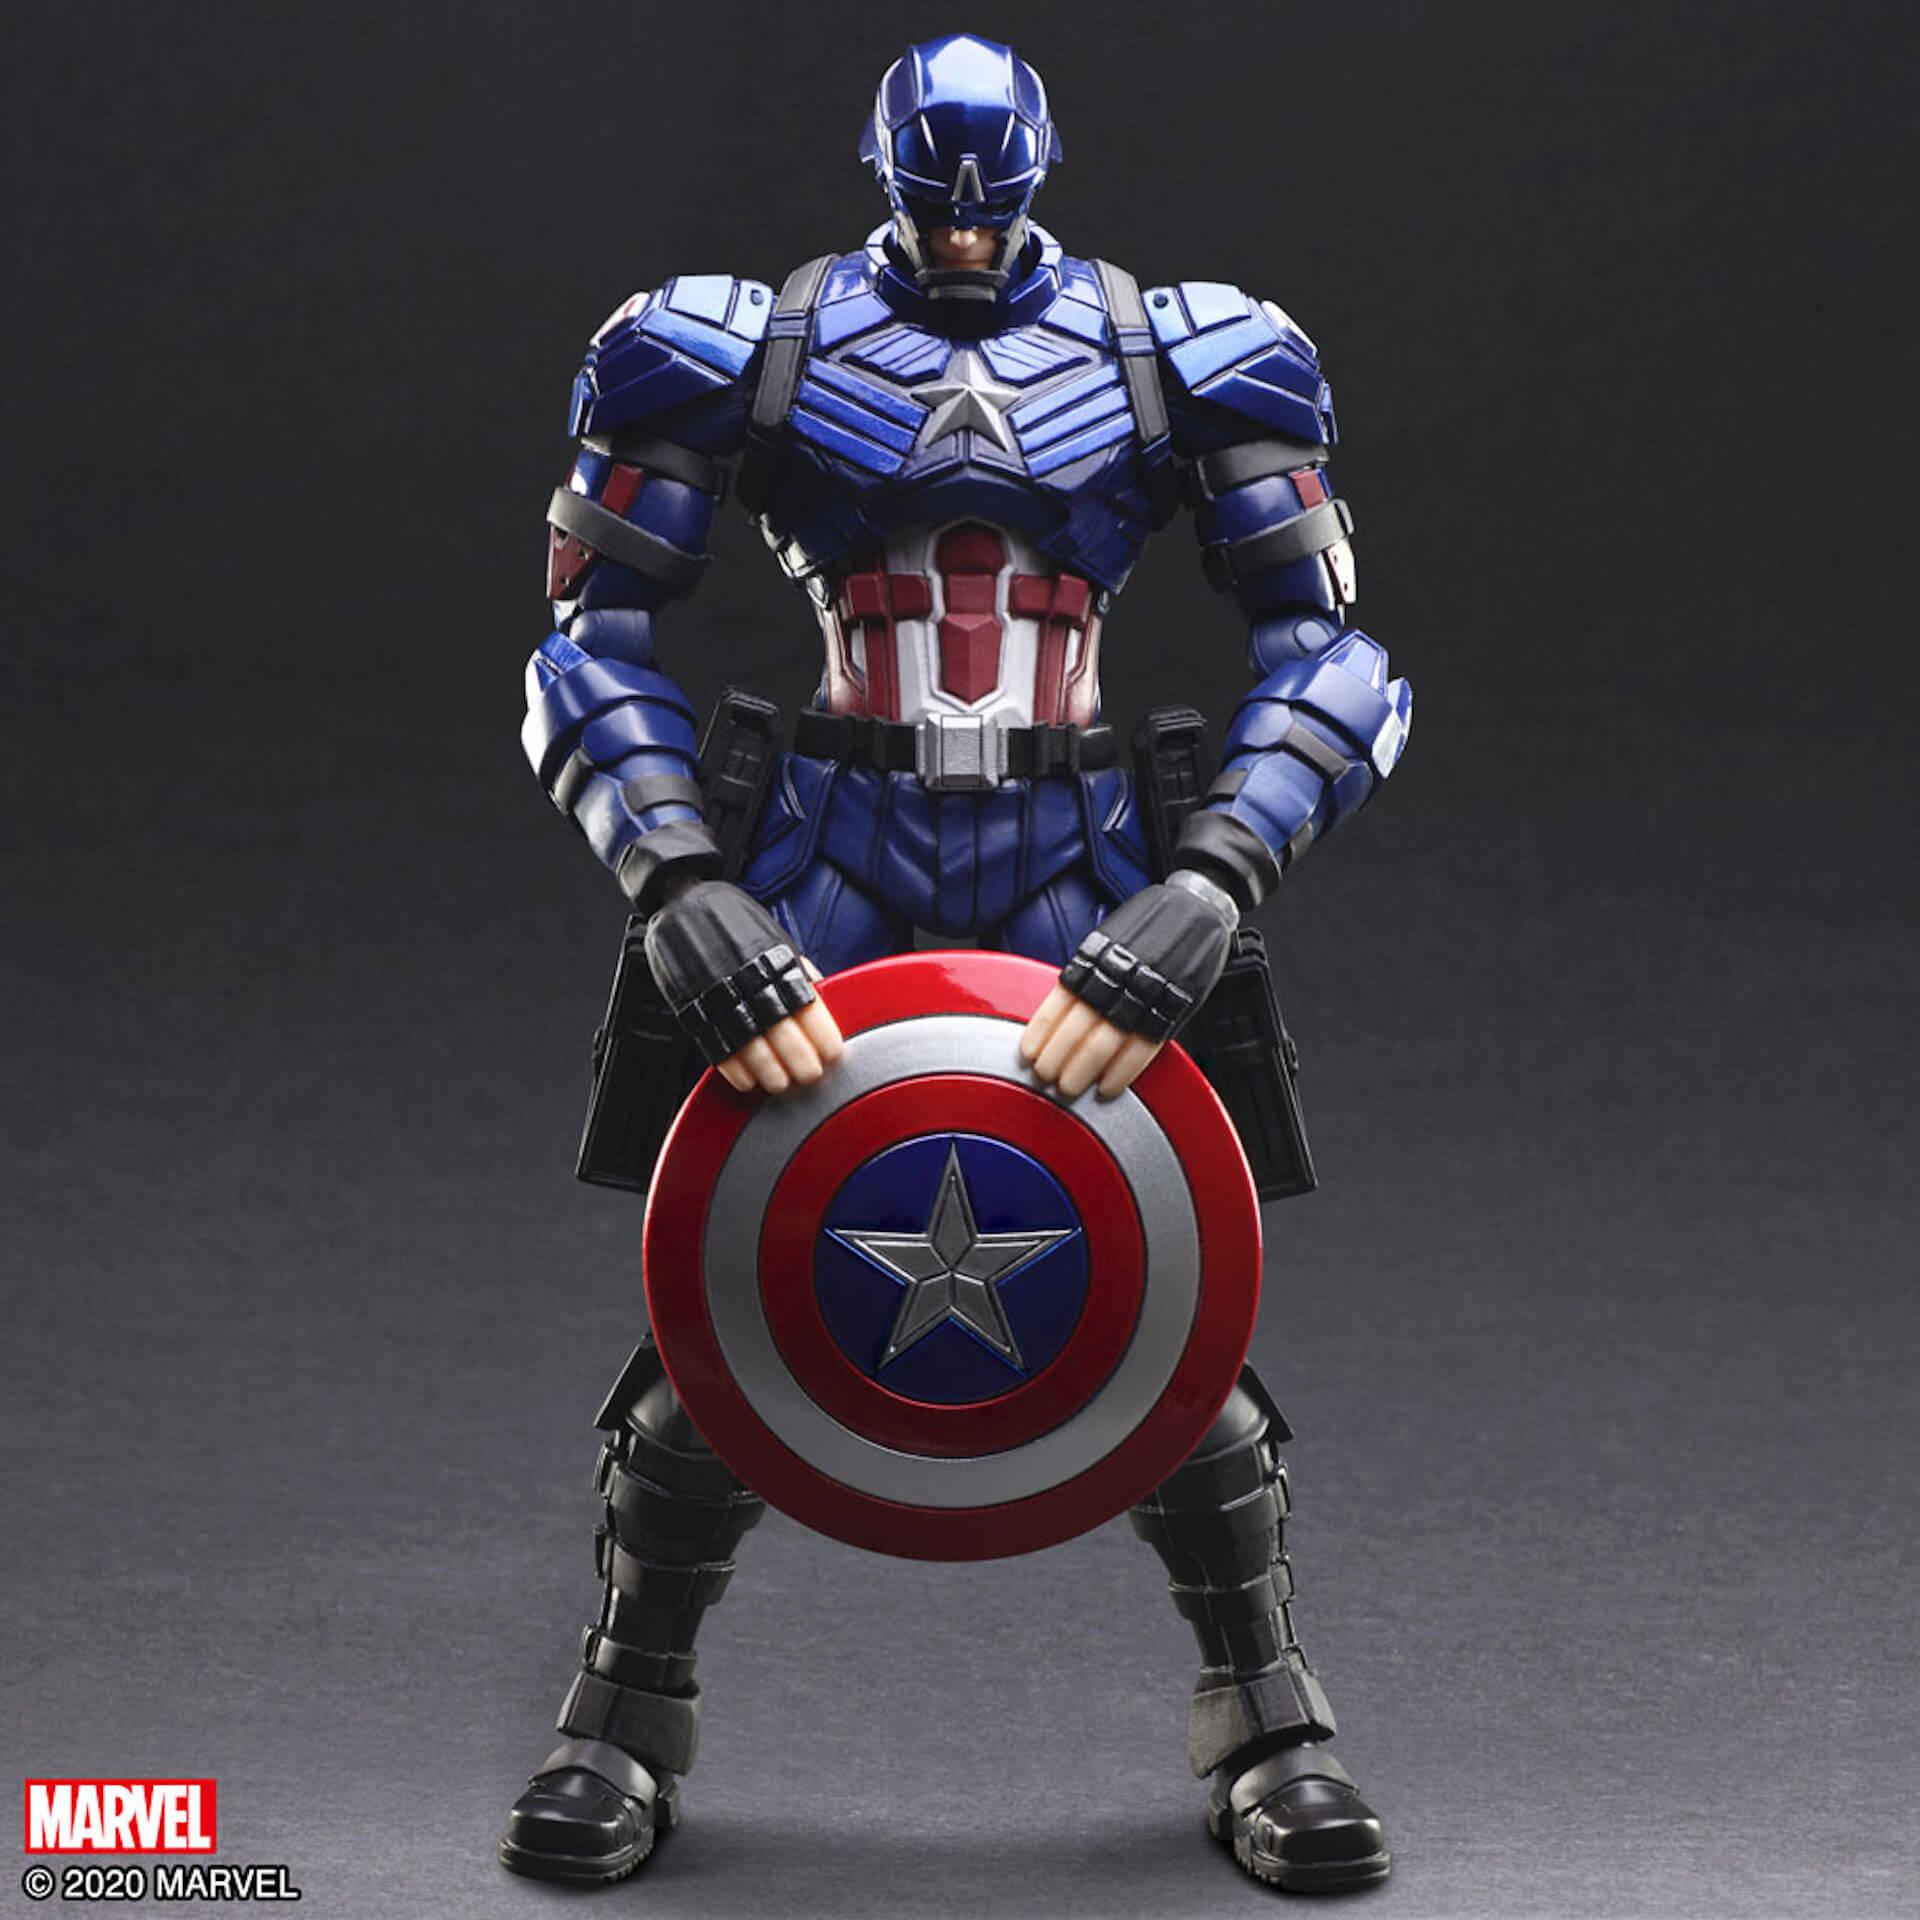 野村哲也デザインの『アイアンマン』『キャプテン・アメリカ』『スパイダーマン』フィギュアがスクウェア・エニックスのオンラインサイトで予約受付中! ac200702_marvel_nomuratesuya_12